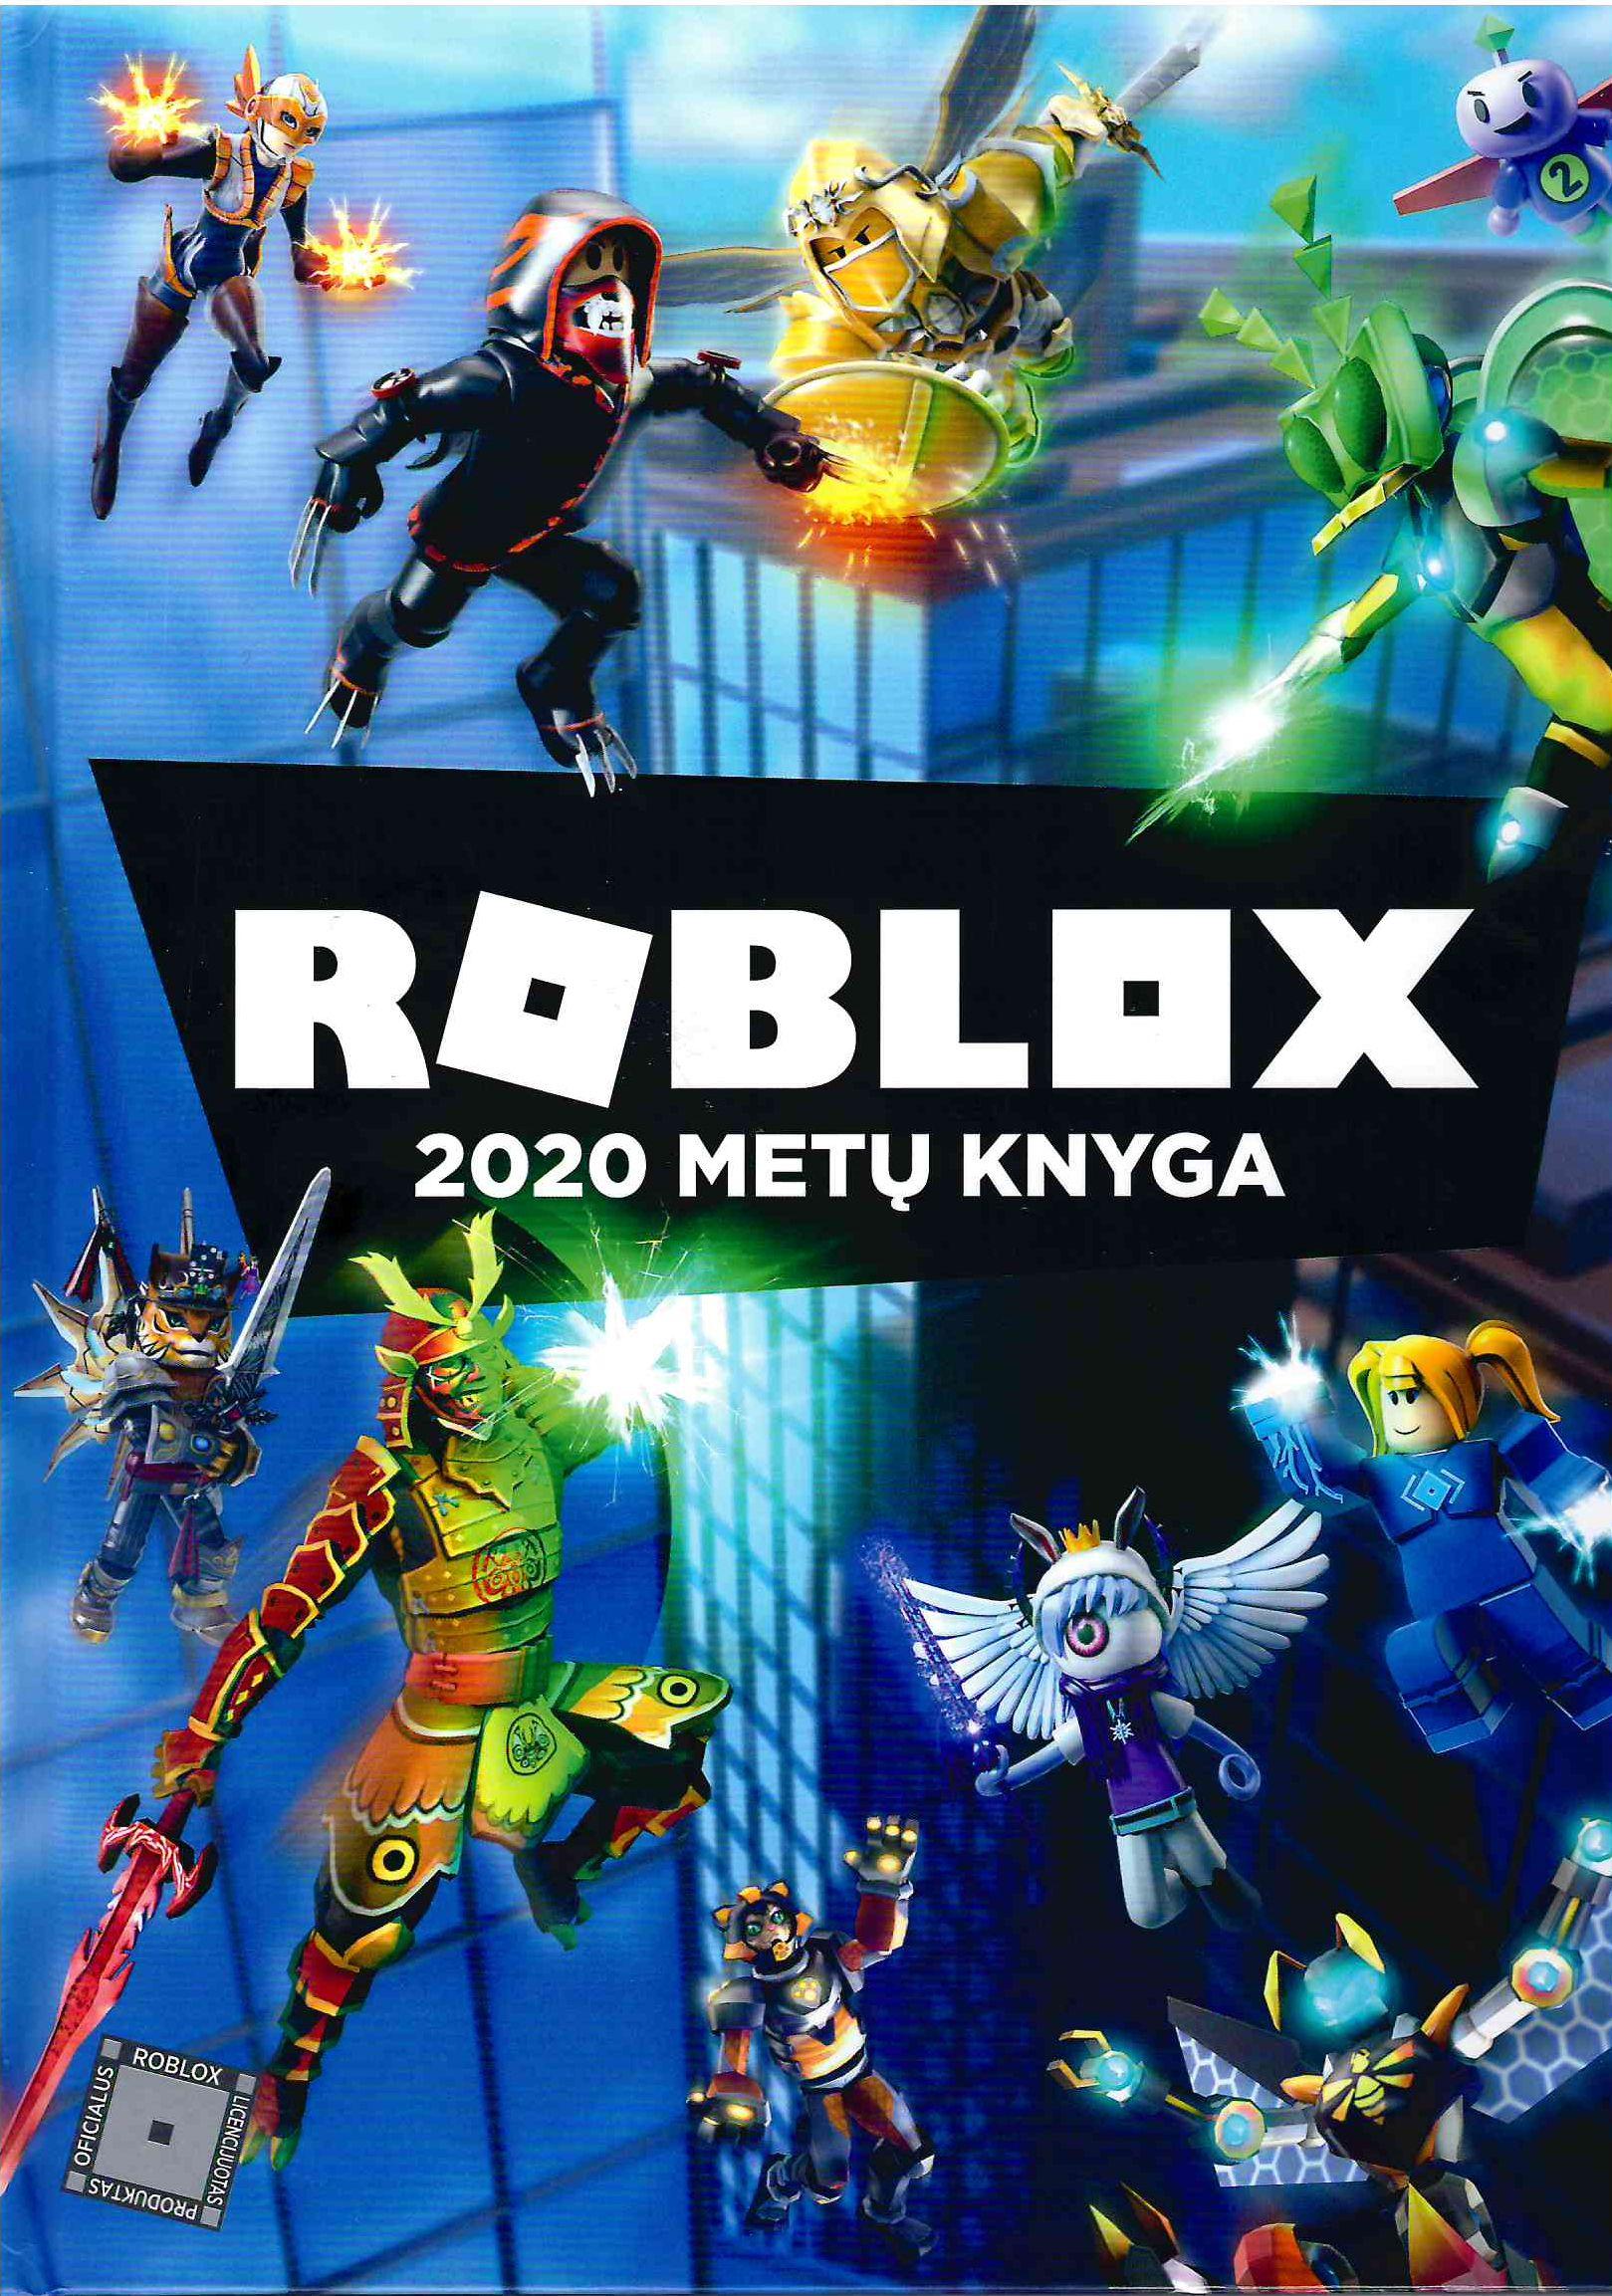 Roblox. 2020 metų knyga